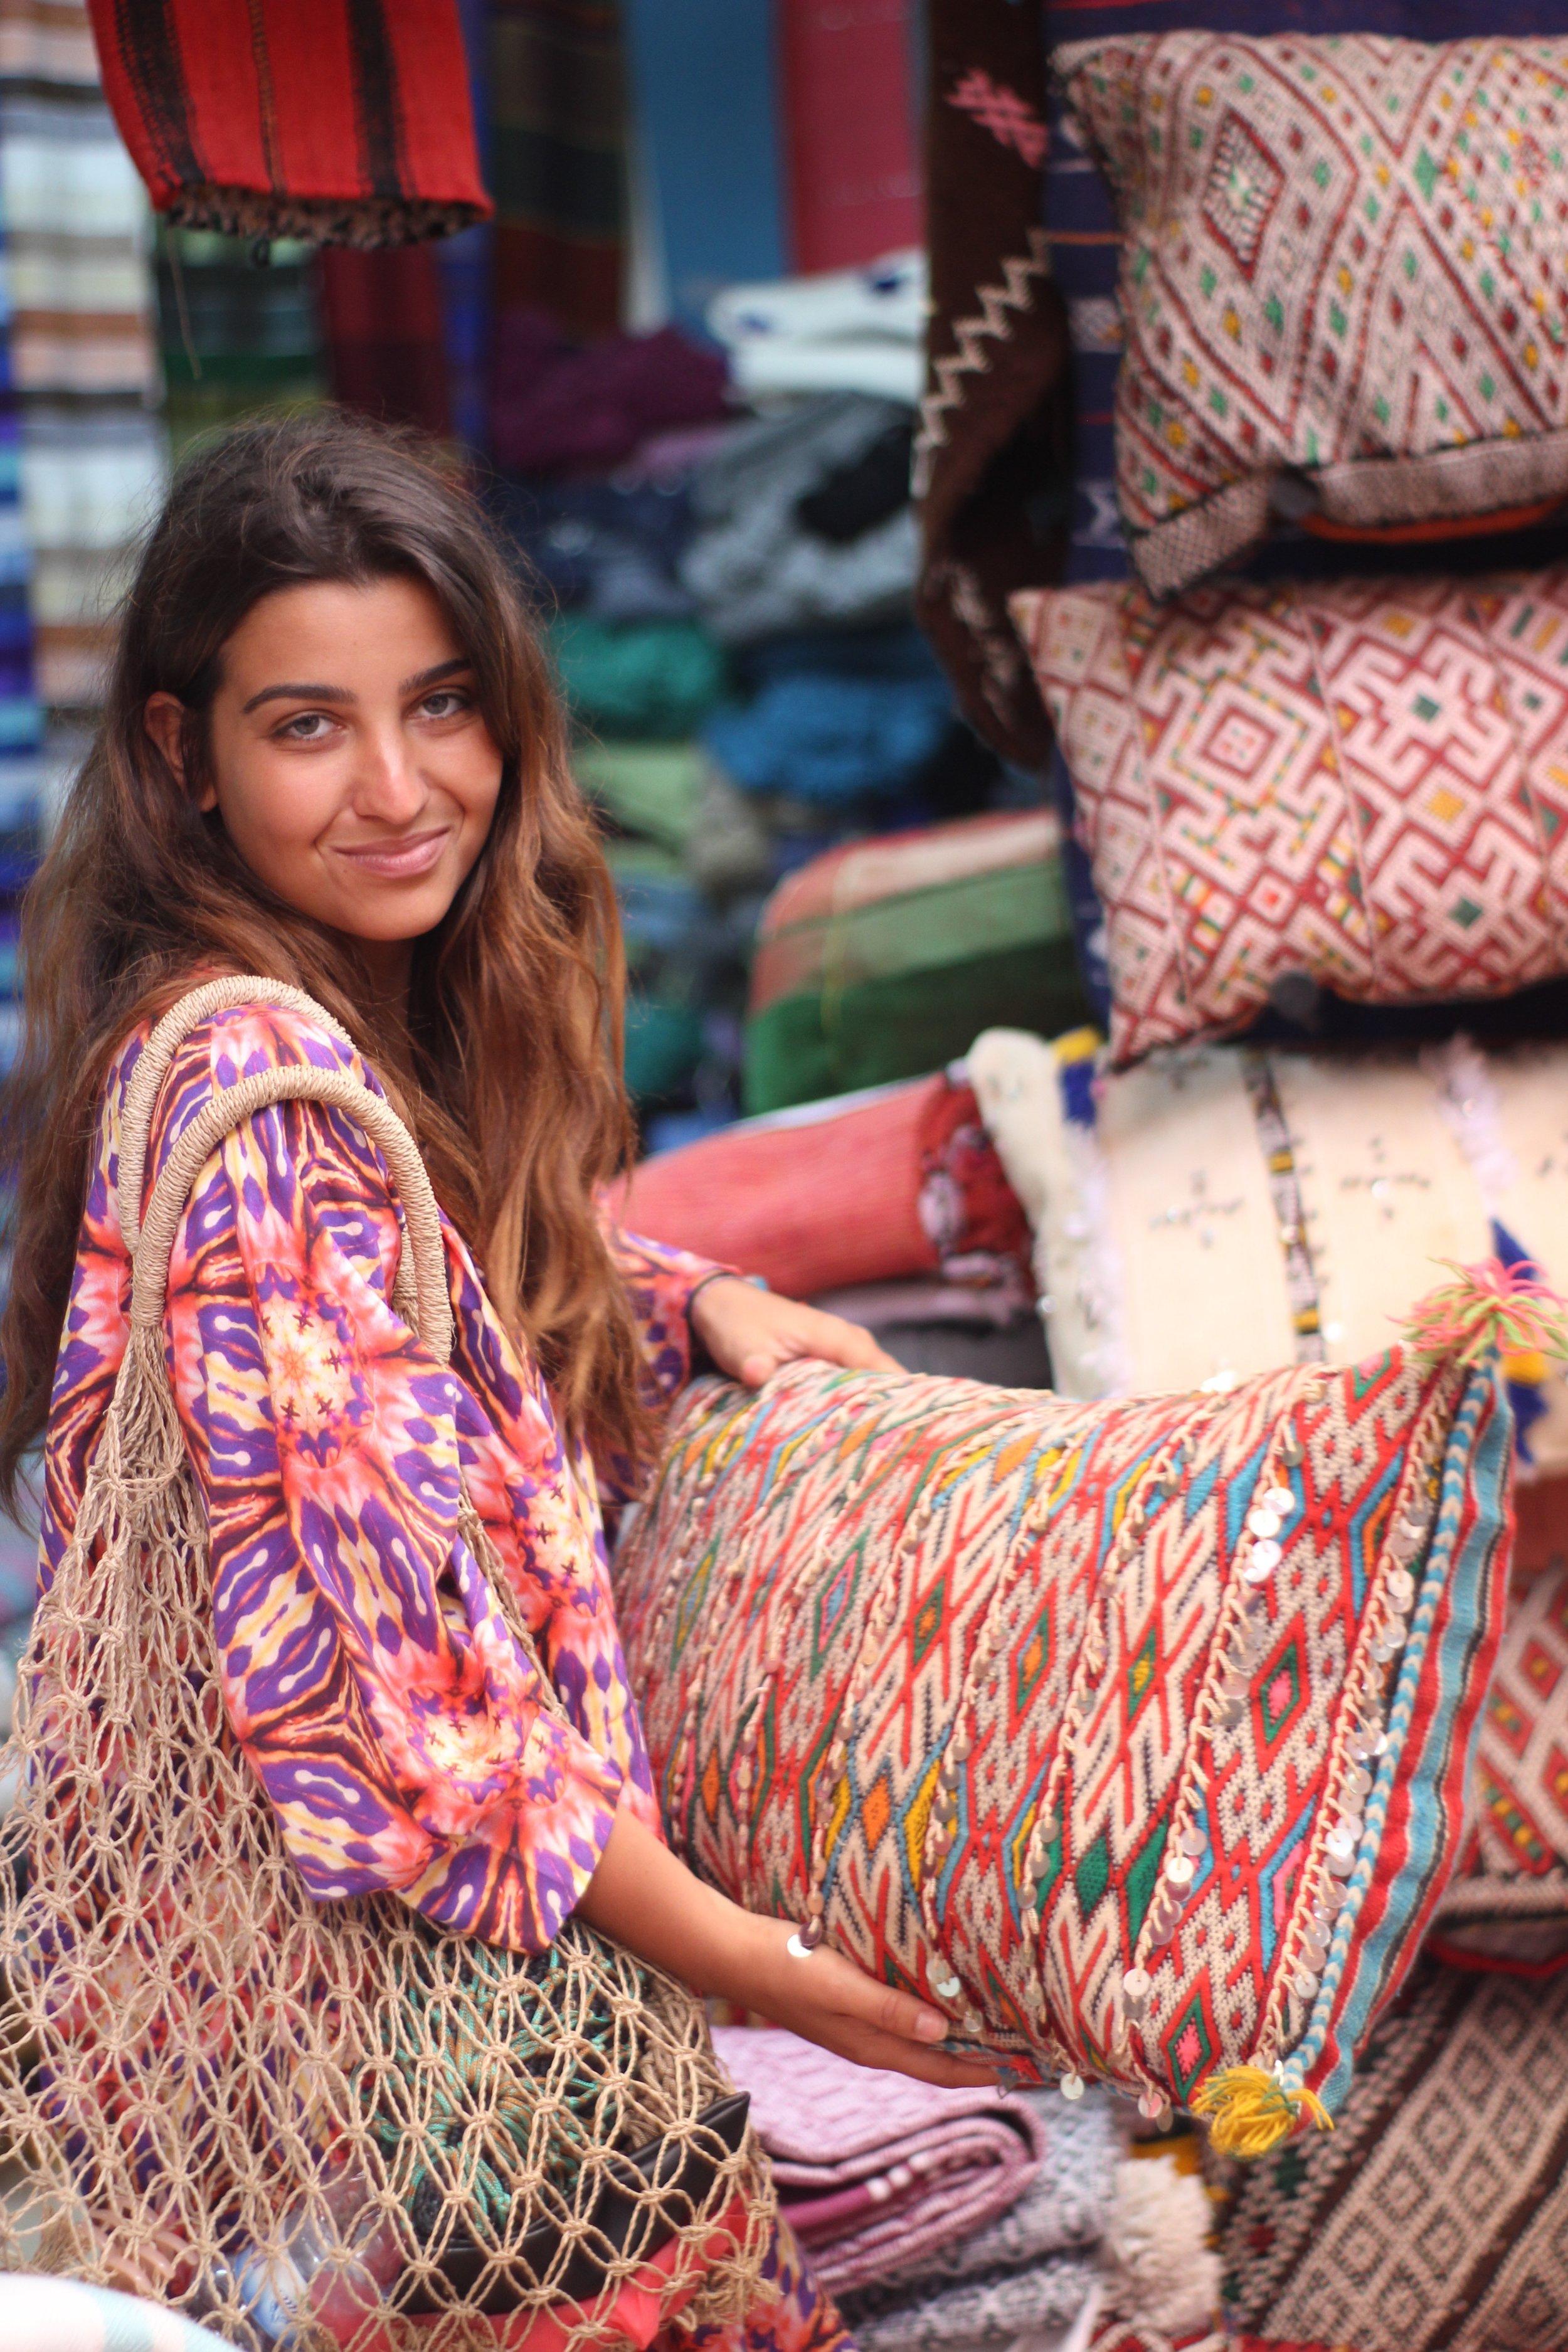 Carpet hunting in Morocco